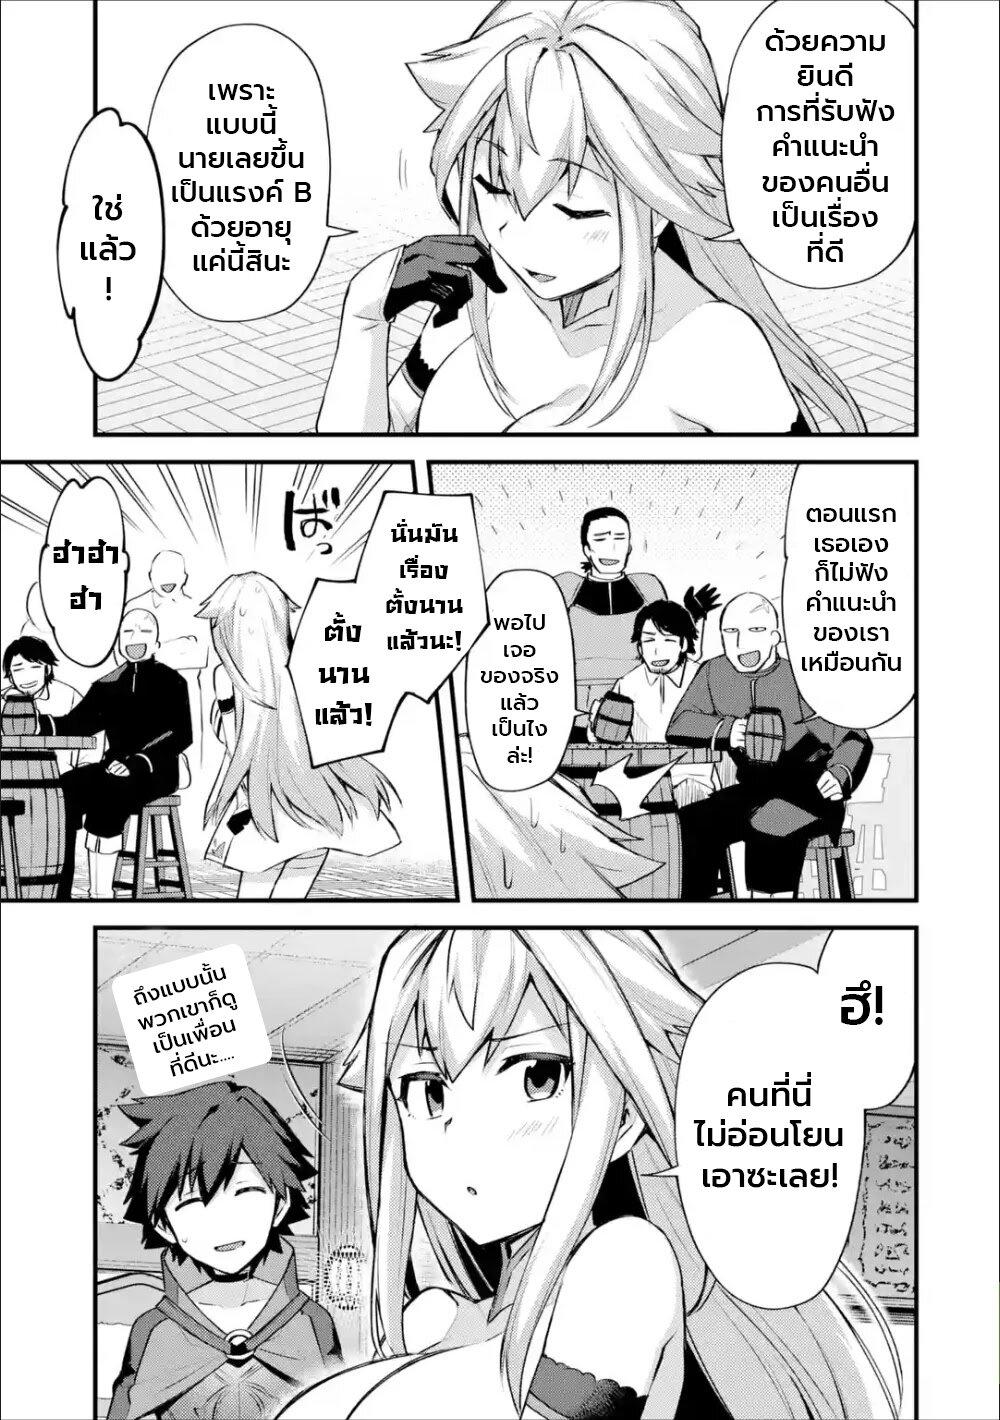 อ่านการ์ตูน Nido Tensei Shita Shounen wa S Rank Boukensha Toshite Heion ni Sugosu-zense ga kenja de eiyuu datta boku wa raisede wa jimini ikiru ตอนที่ 15 หน้าที่ 18